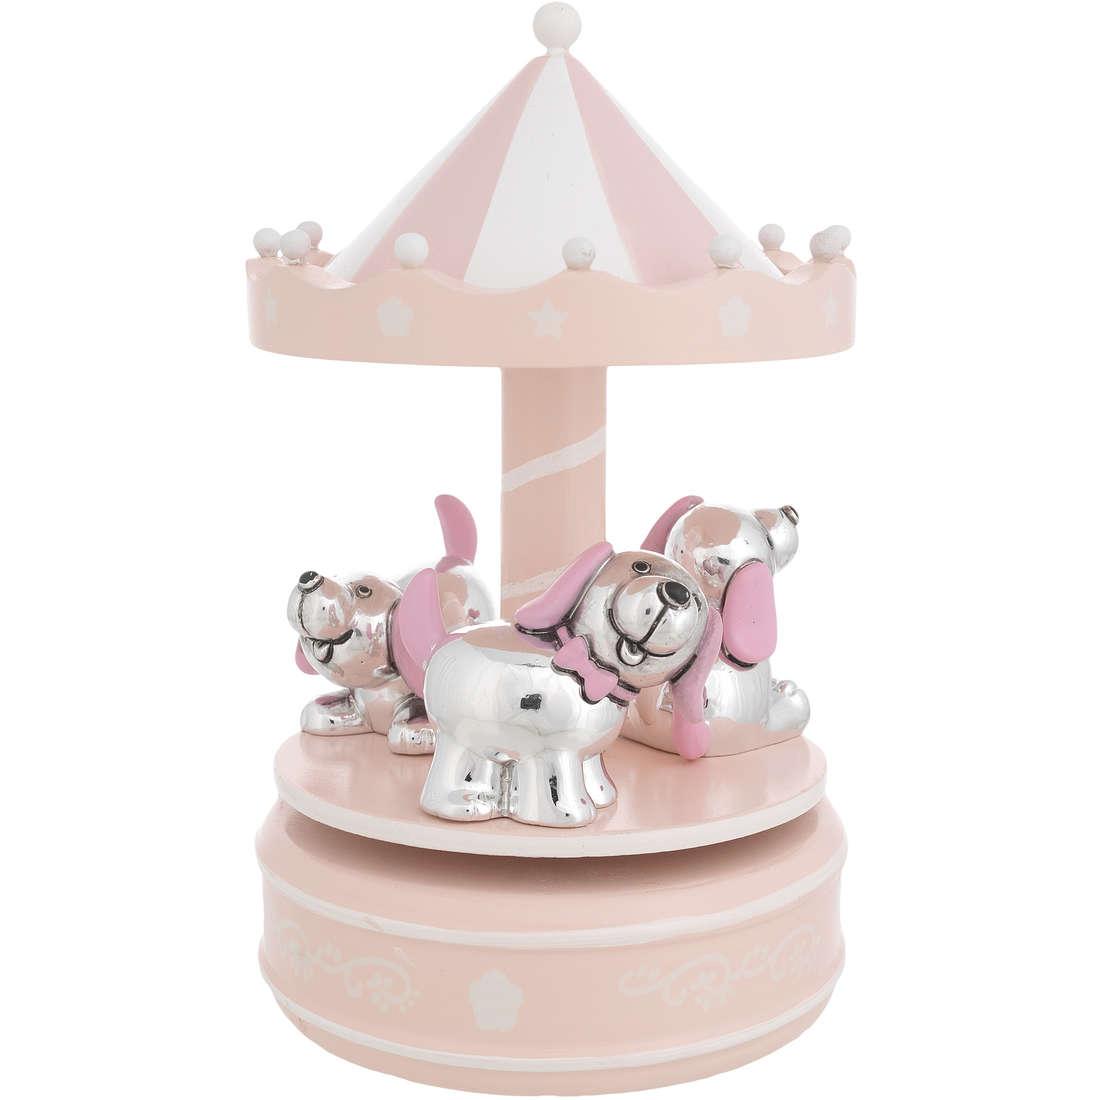 accessori neonato Bagutta B 4170-03 R